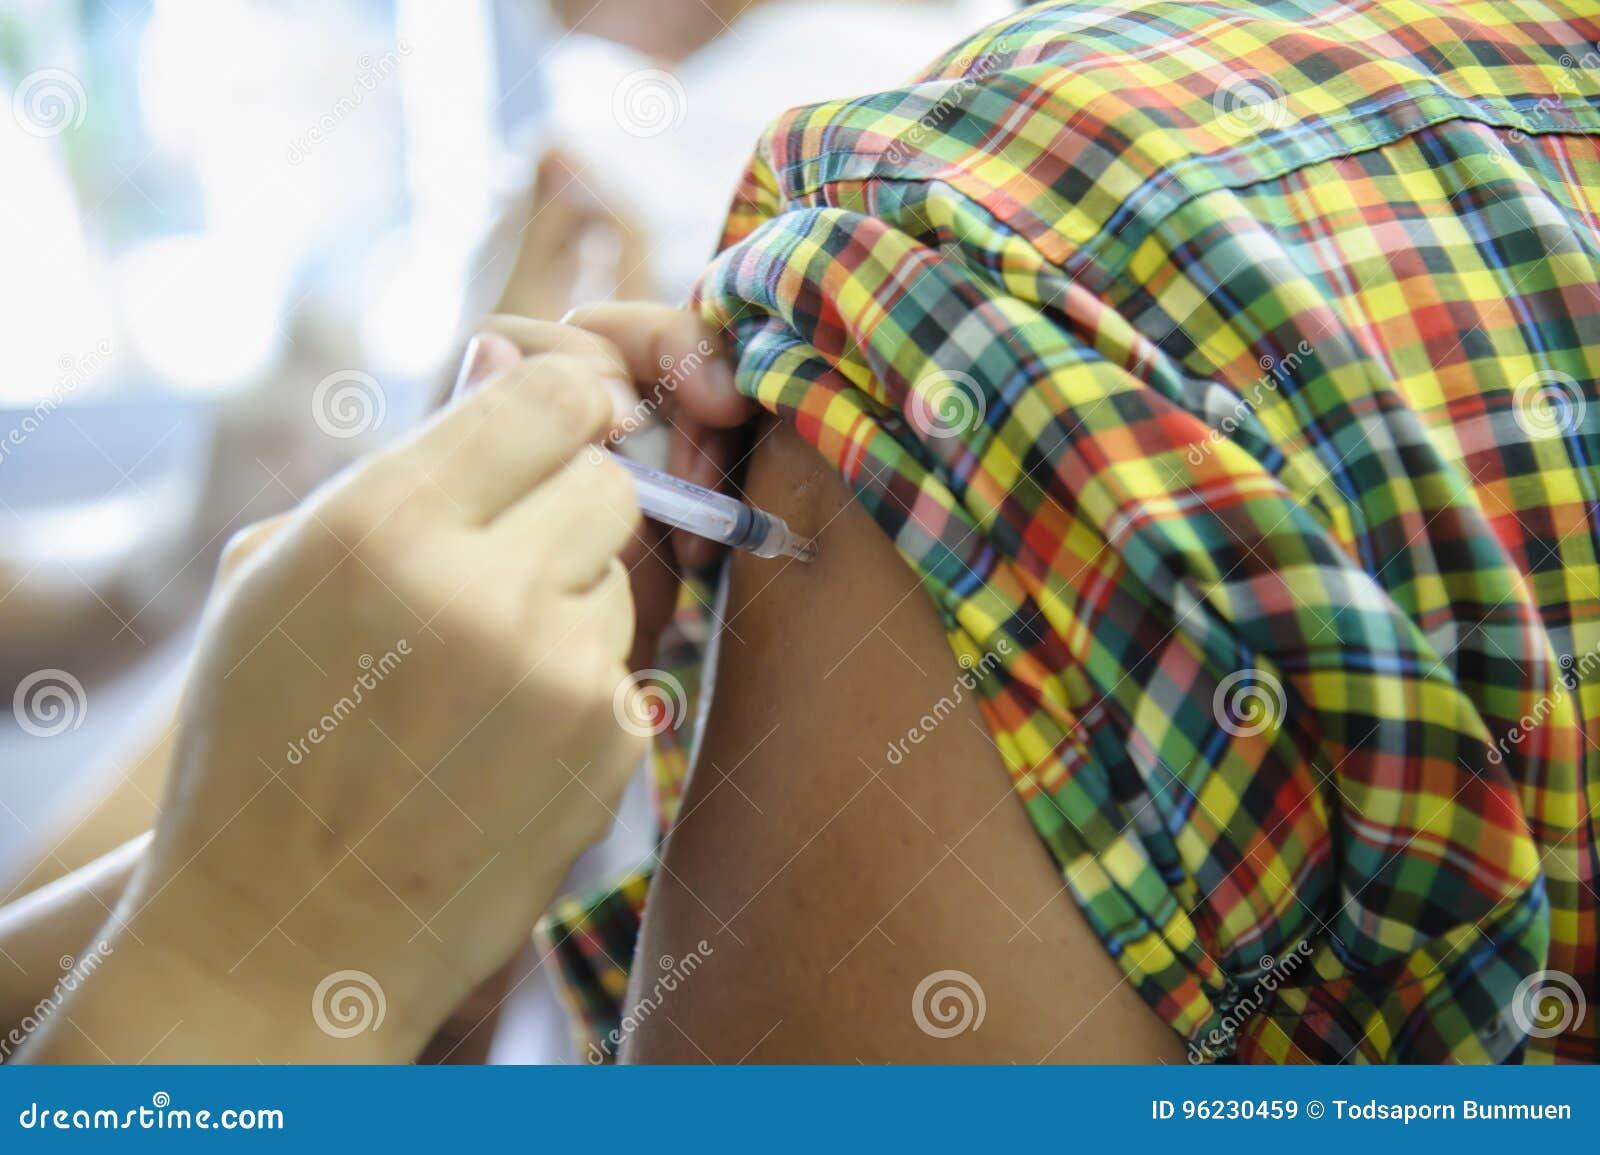 A injeção vacinal da imunização, doutor injeta a vacina ao braço paciente